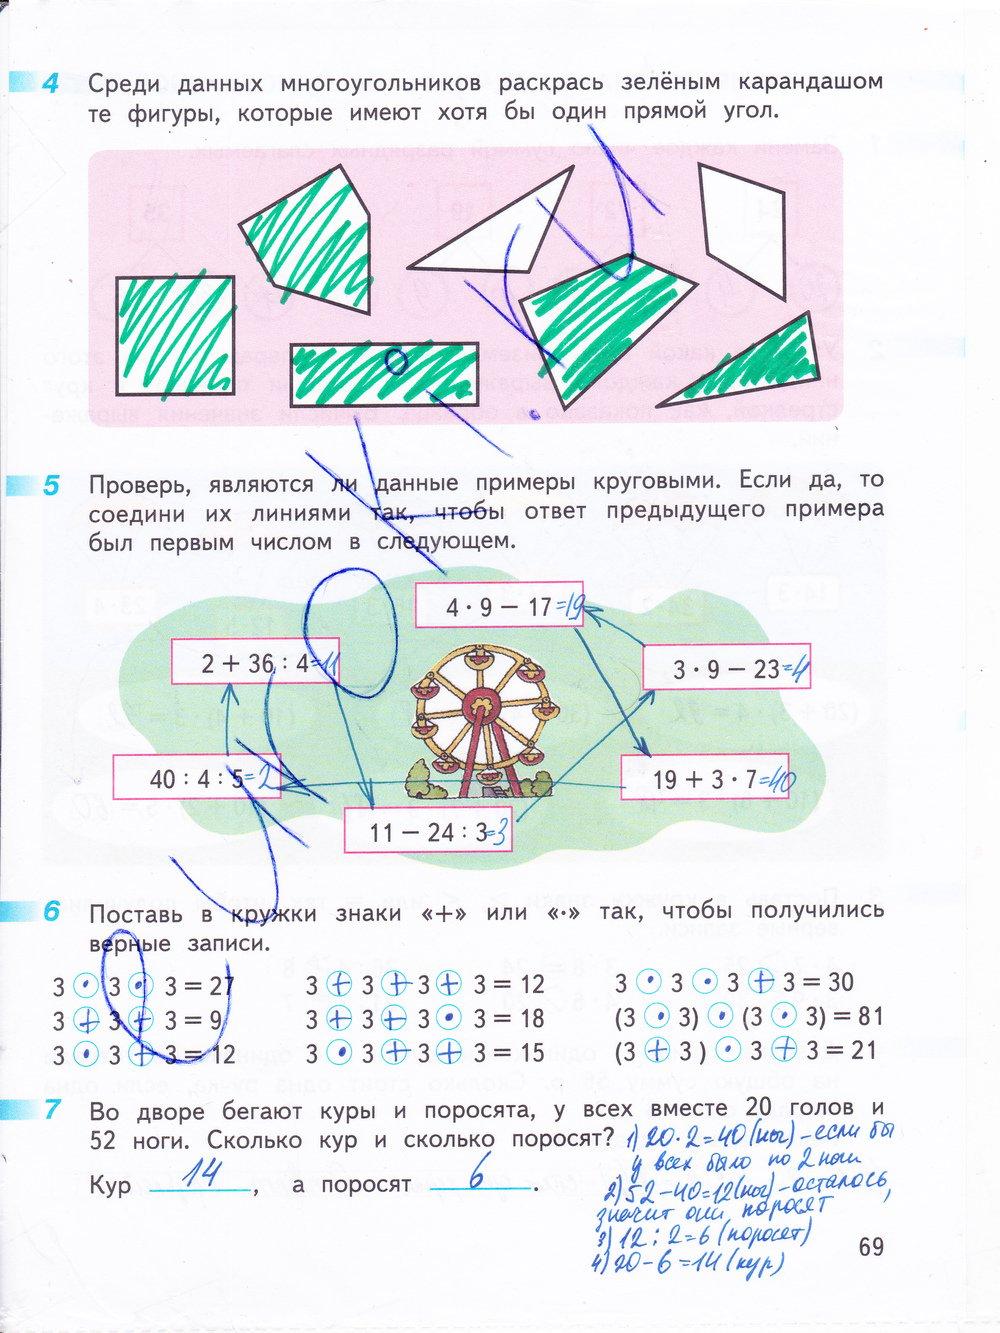 рабочая тетрадь математика 3 класс дорофеева готовые домашние задания